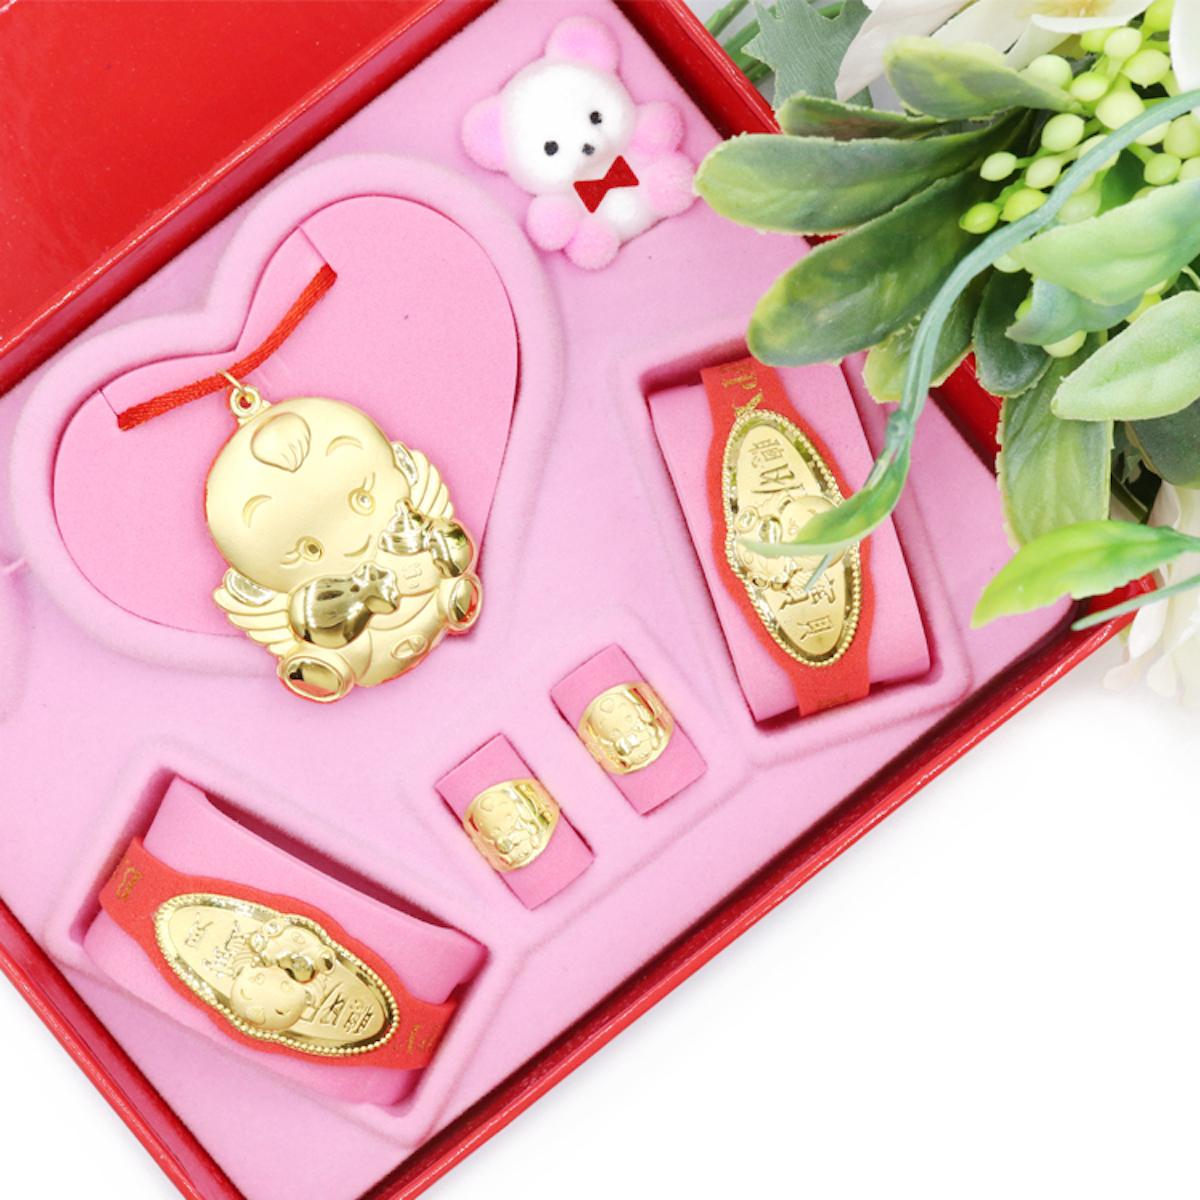 傳統彌月金飾禮盒,常見黃金項鍊一條、長命金鎖片手牌一副、博士金戒指一對,價格依據金飾重量從2,000元~8,000元不等